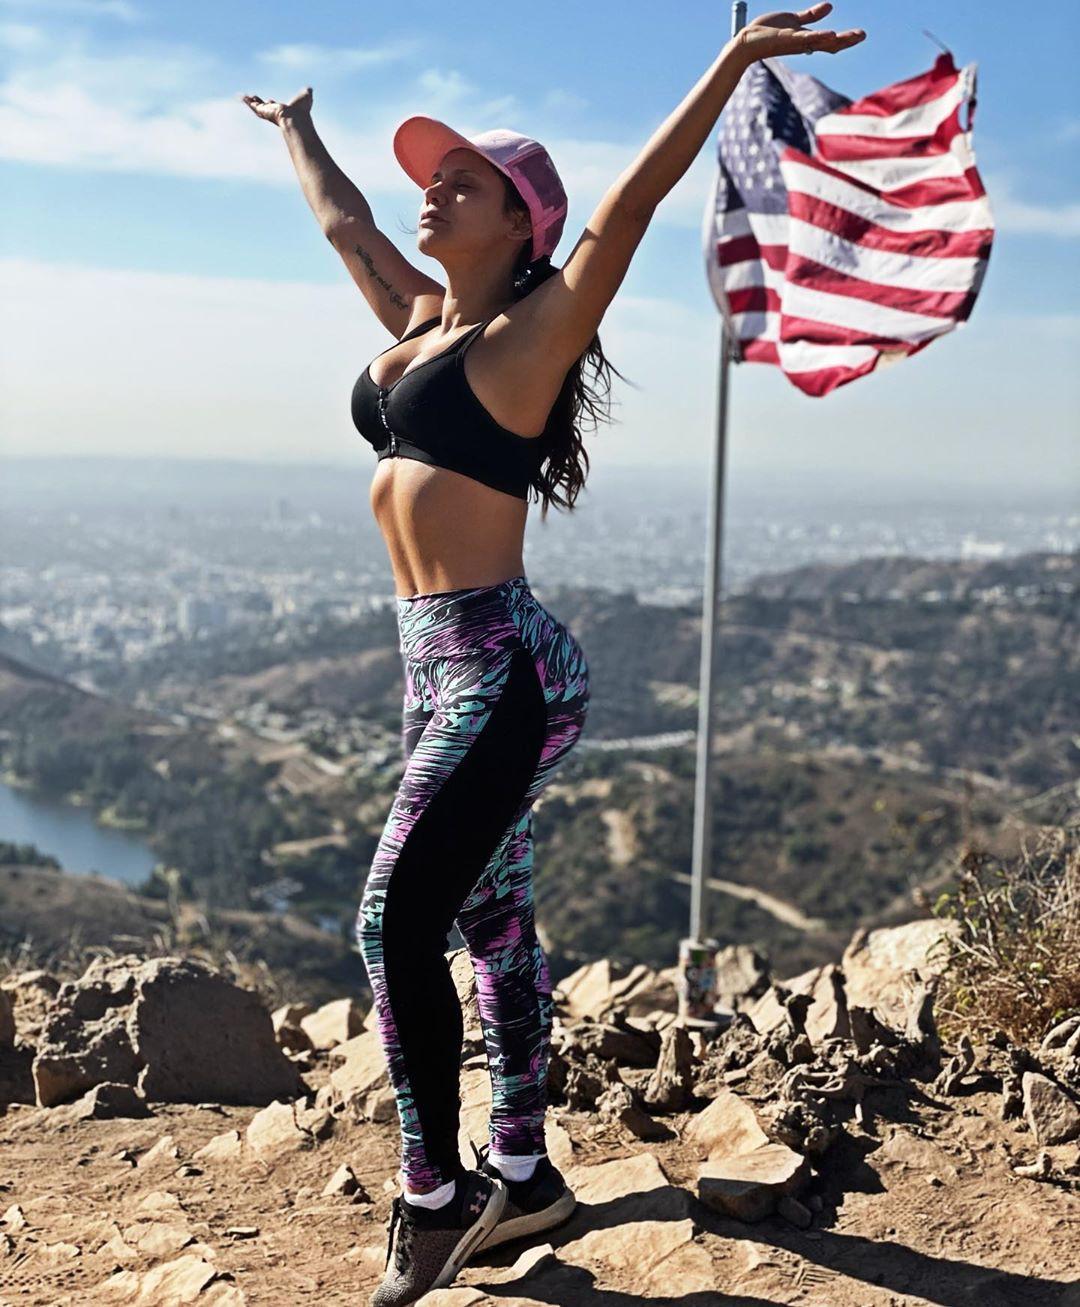 Andrea Espada Vines & Photos, Drop Your Flag